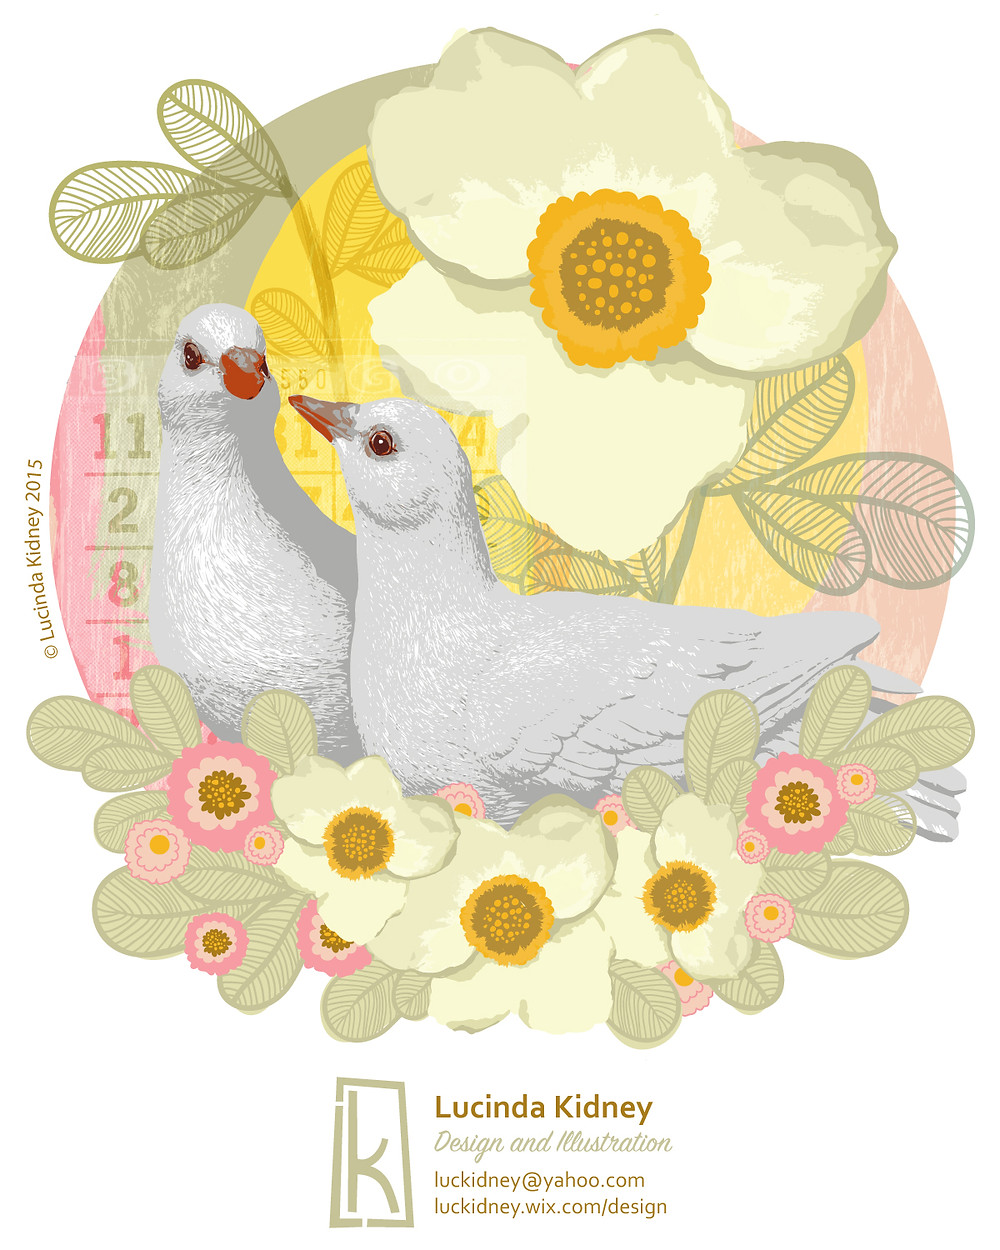 Lucinda_Kidney_BC15_Feb_Doves.jpg